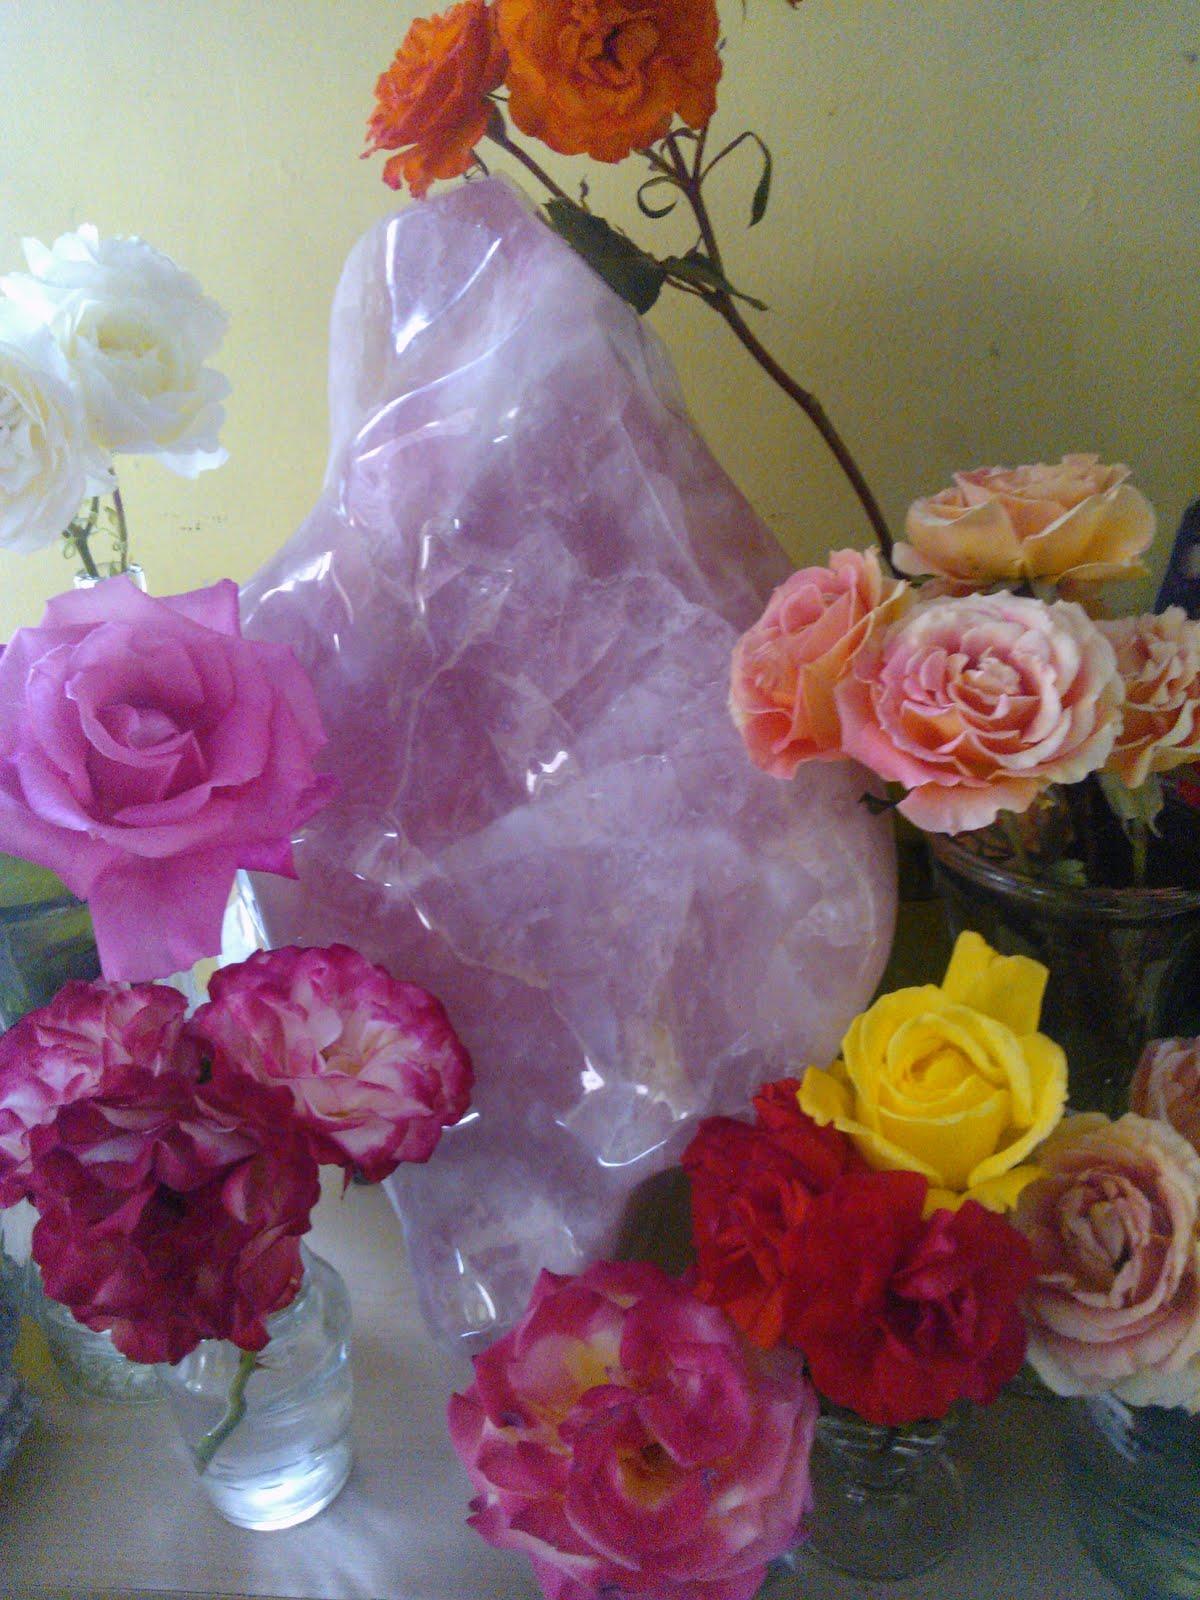 Escuela De La Madre Tierra Baja Celebracion Del Dia Internacional De La Mujer Rosarito